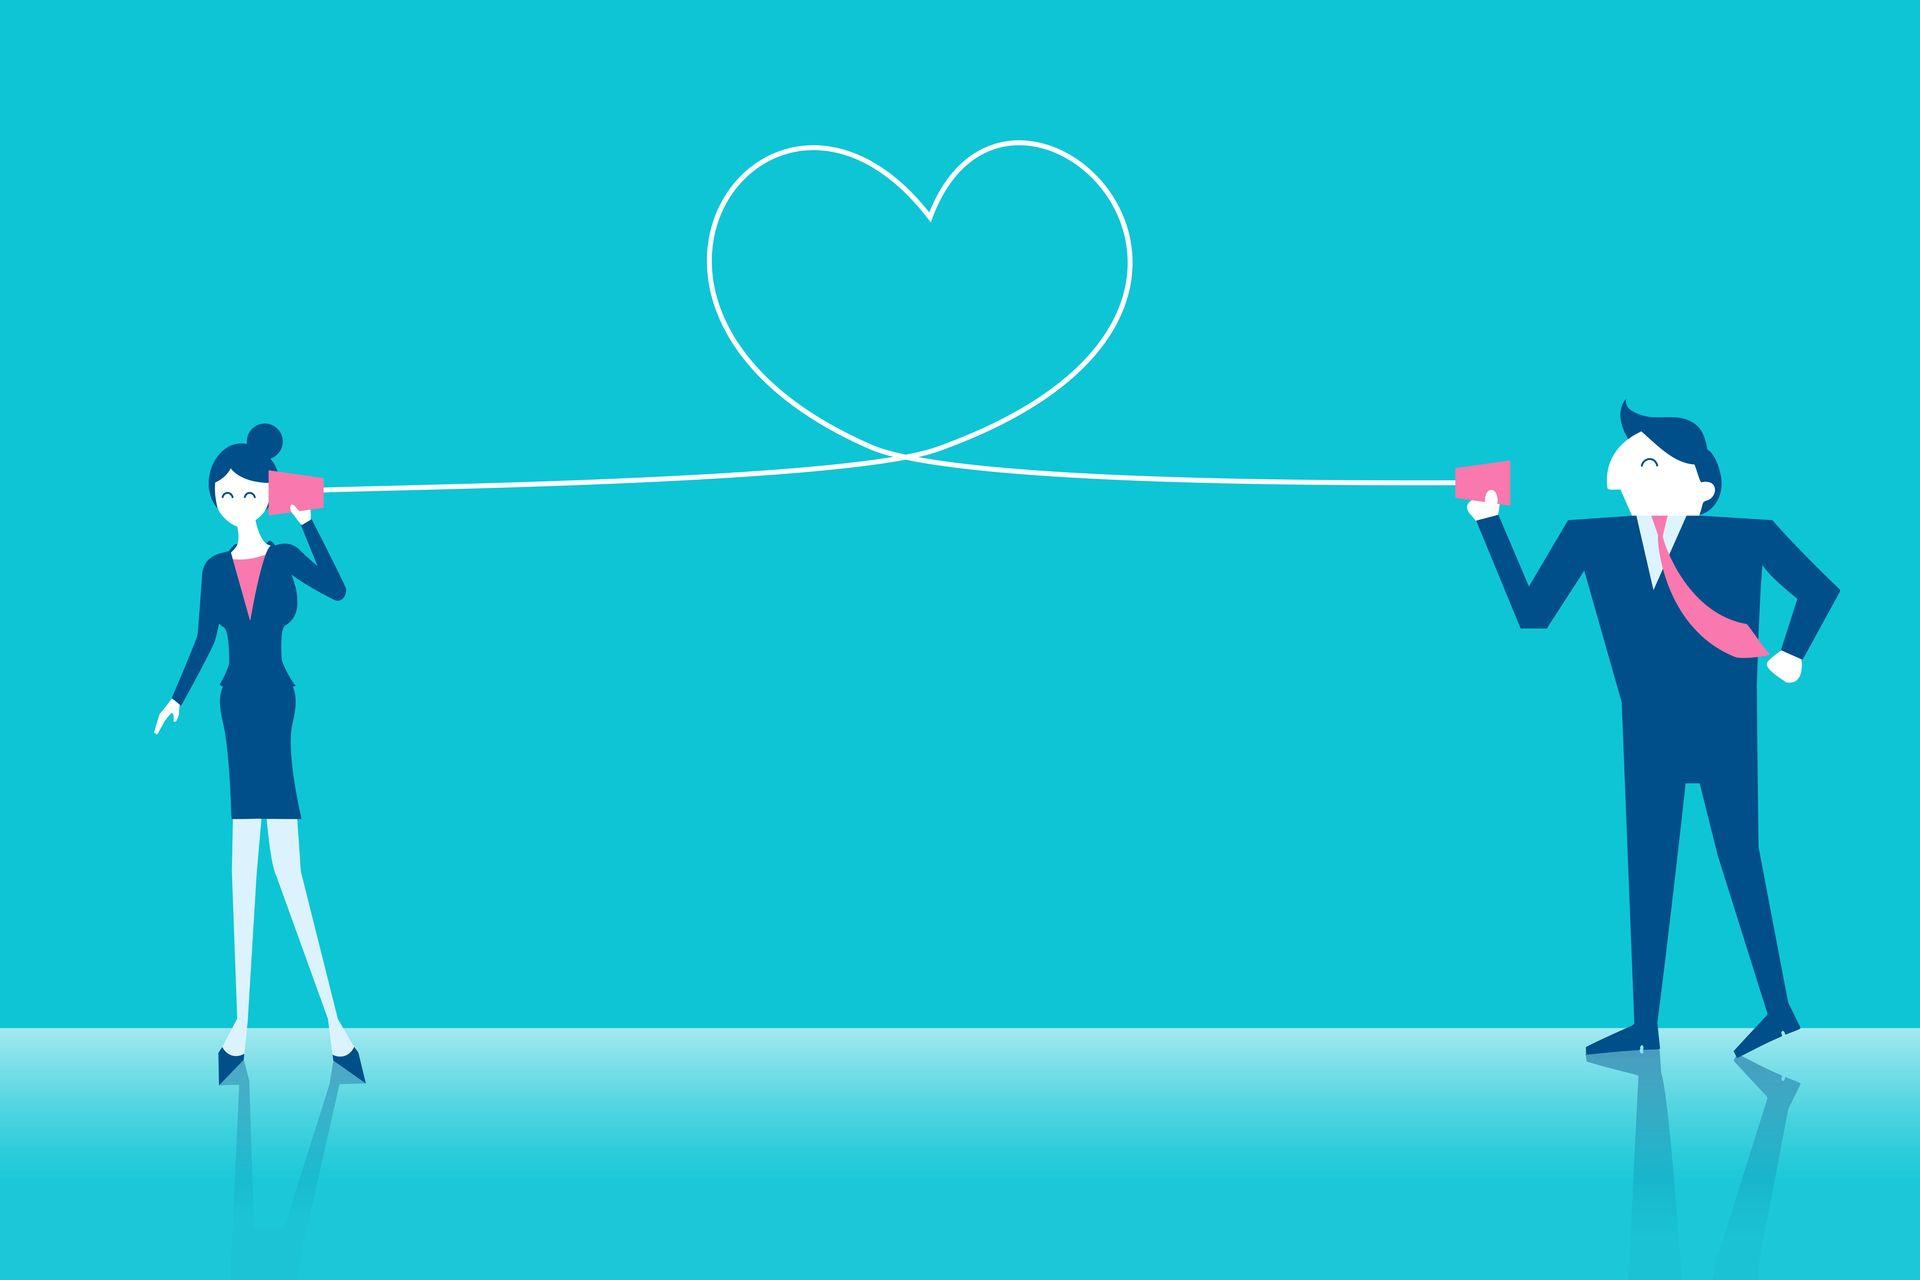 Problemi affettivi e relazionali di coppia cause e soluzioni